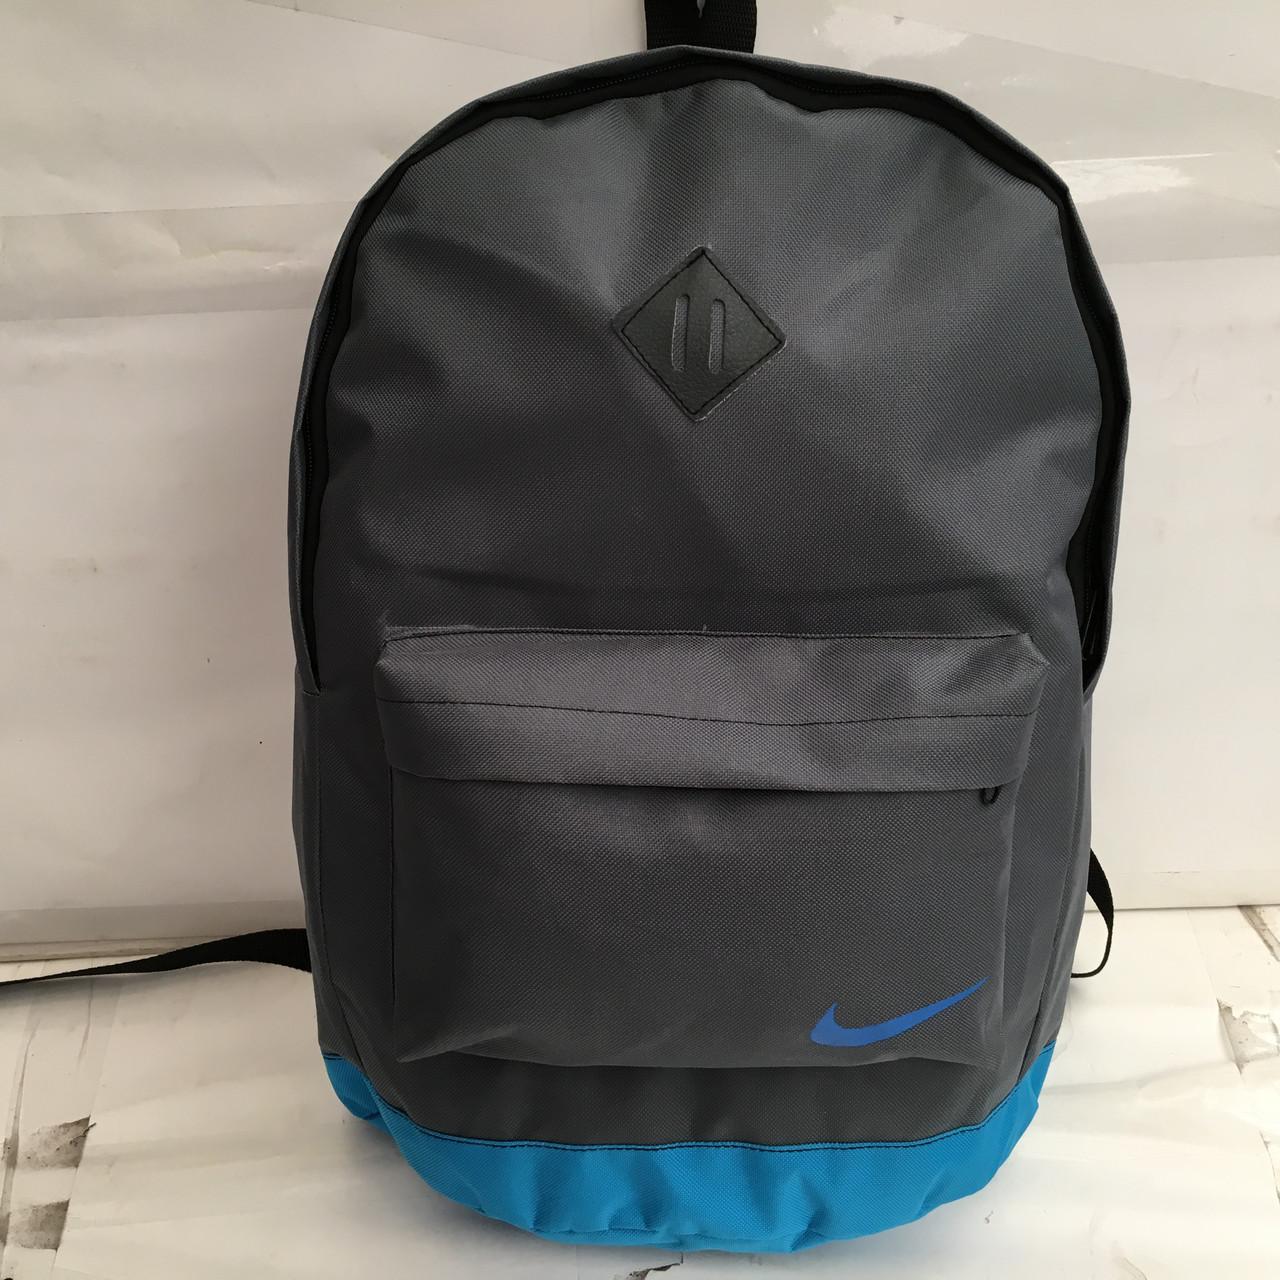 188b1d8b9052 Городской стильный рюкзак повседневный найк,Nike (прямые продажи ) 31*44  только ОПТ